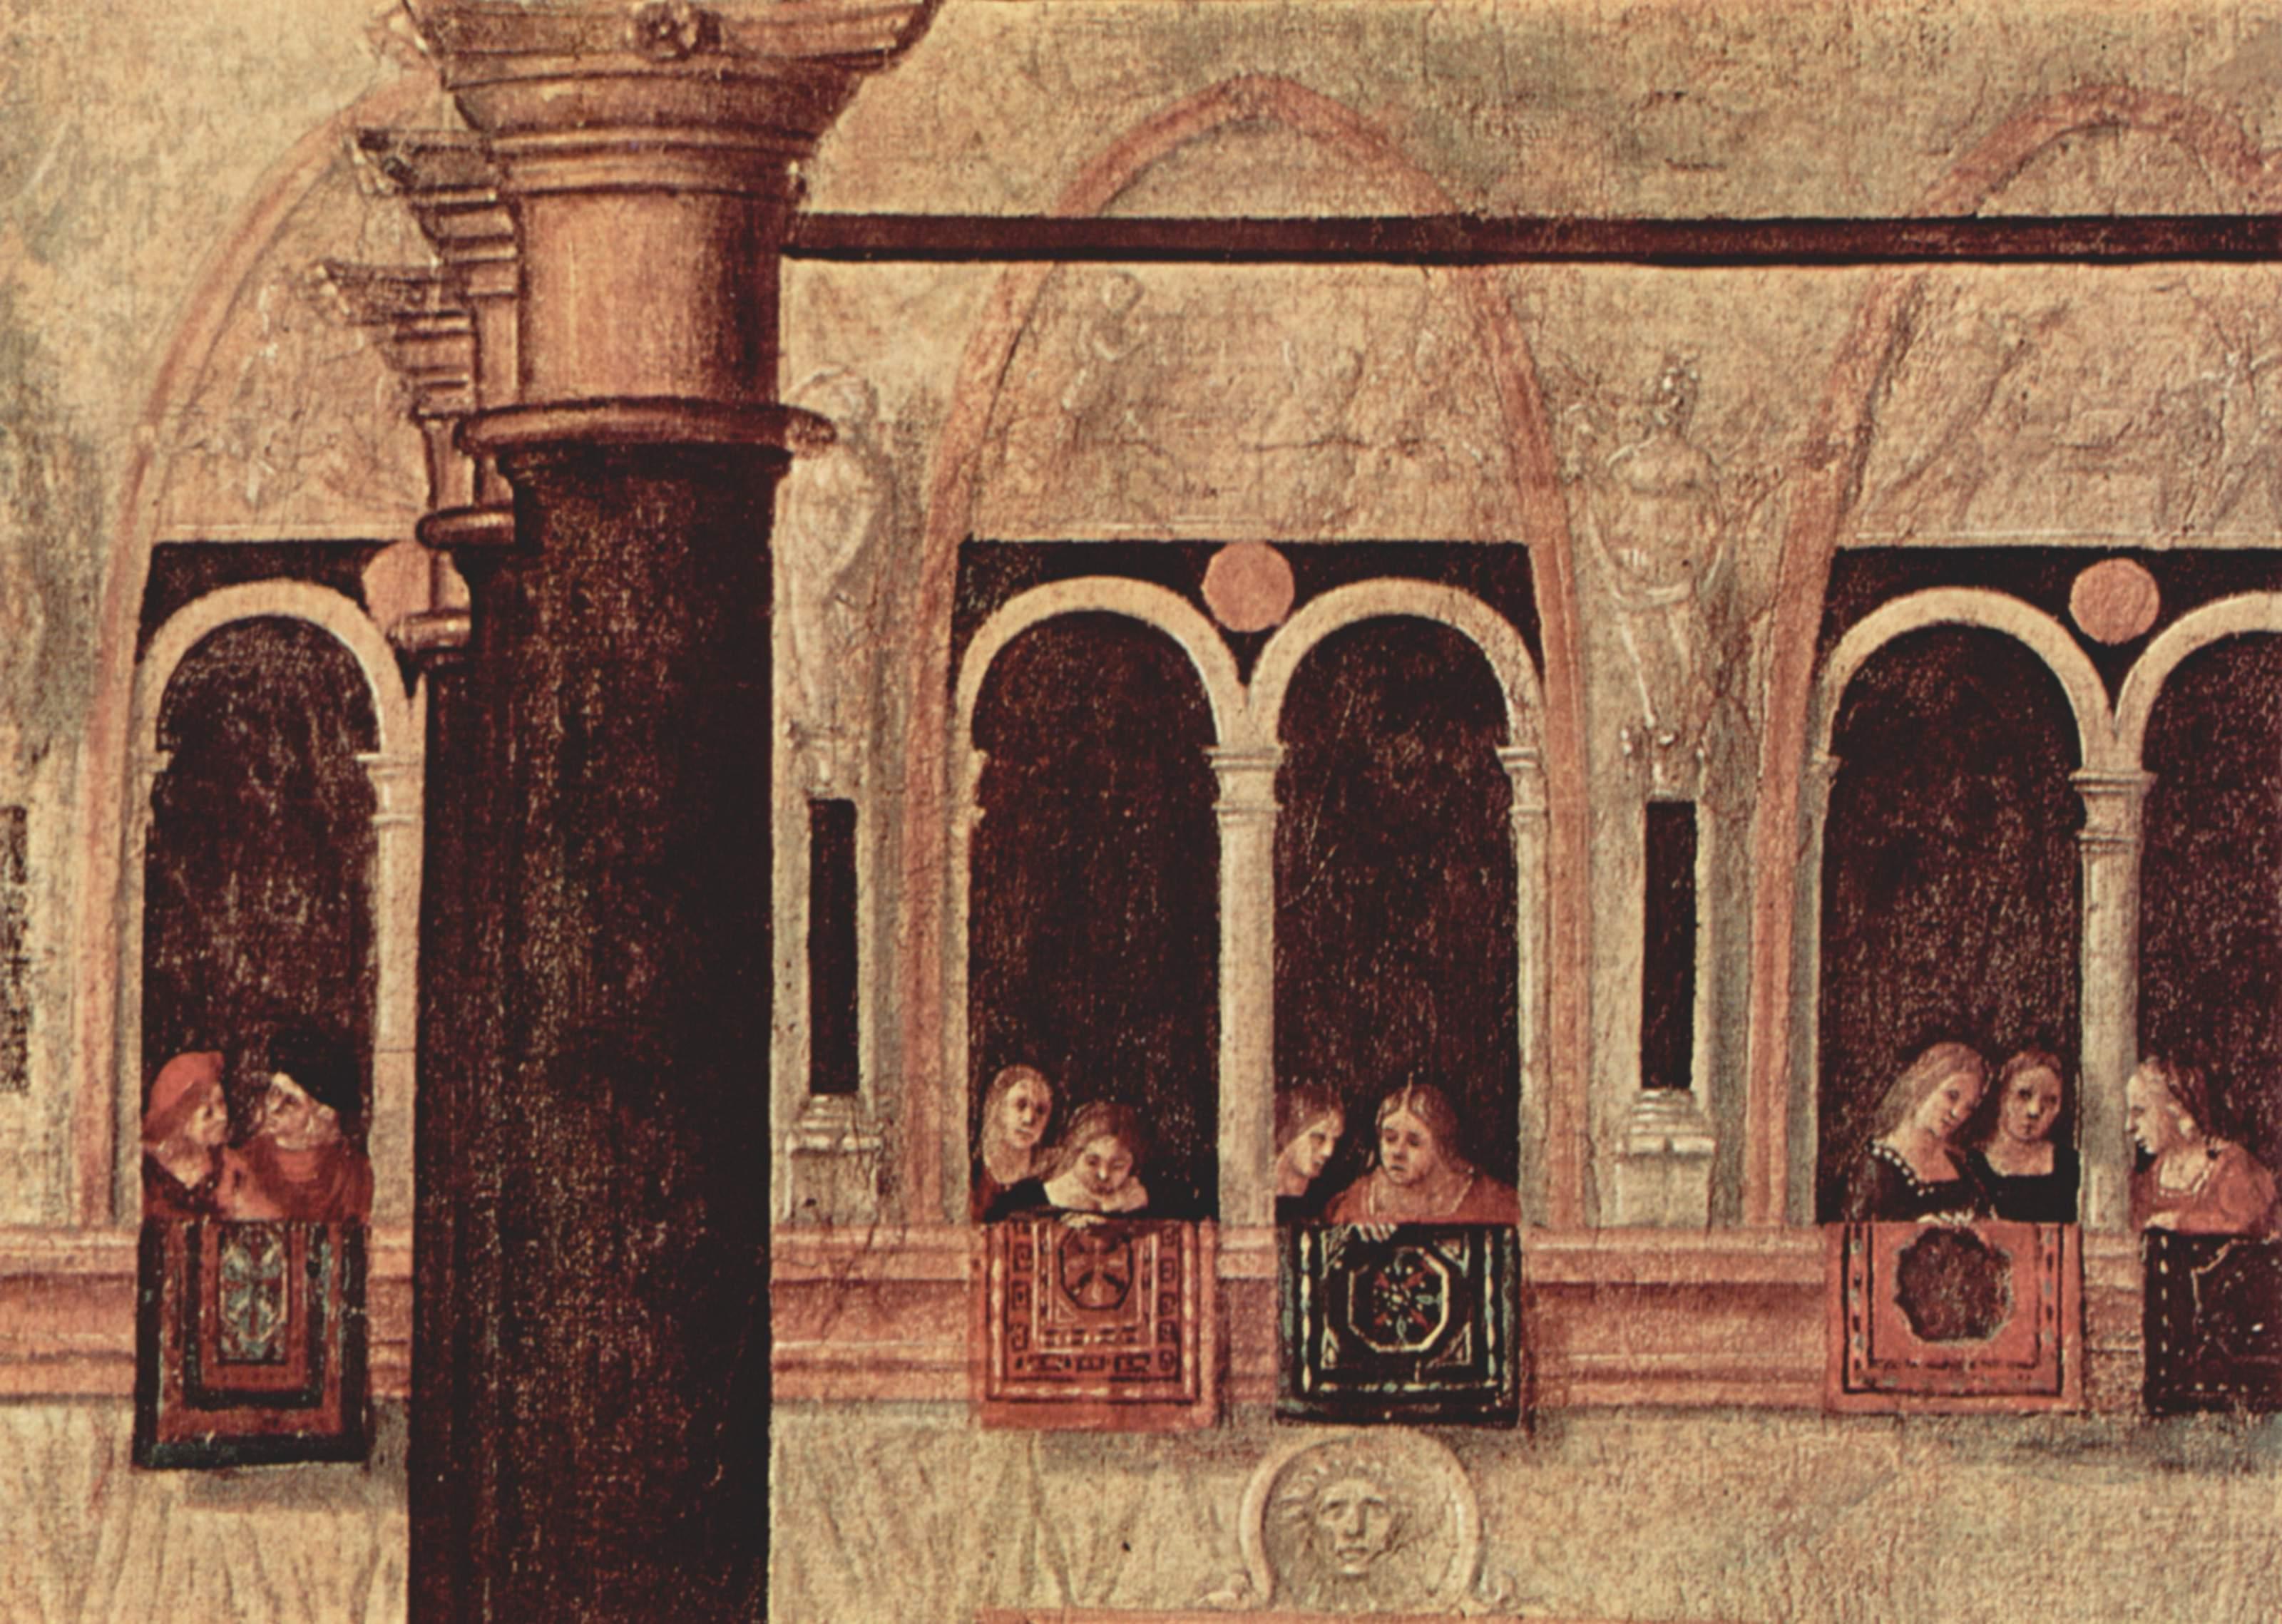 Цикл картин капеллы Скуола ди Сан Джорджио Скьявони, св. Трифон Фригийский освобождает дочь императо, Витторе Карпаччо